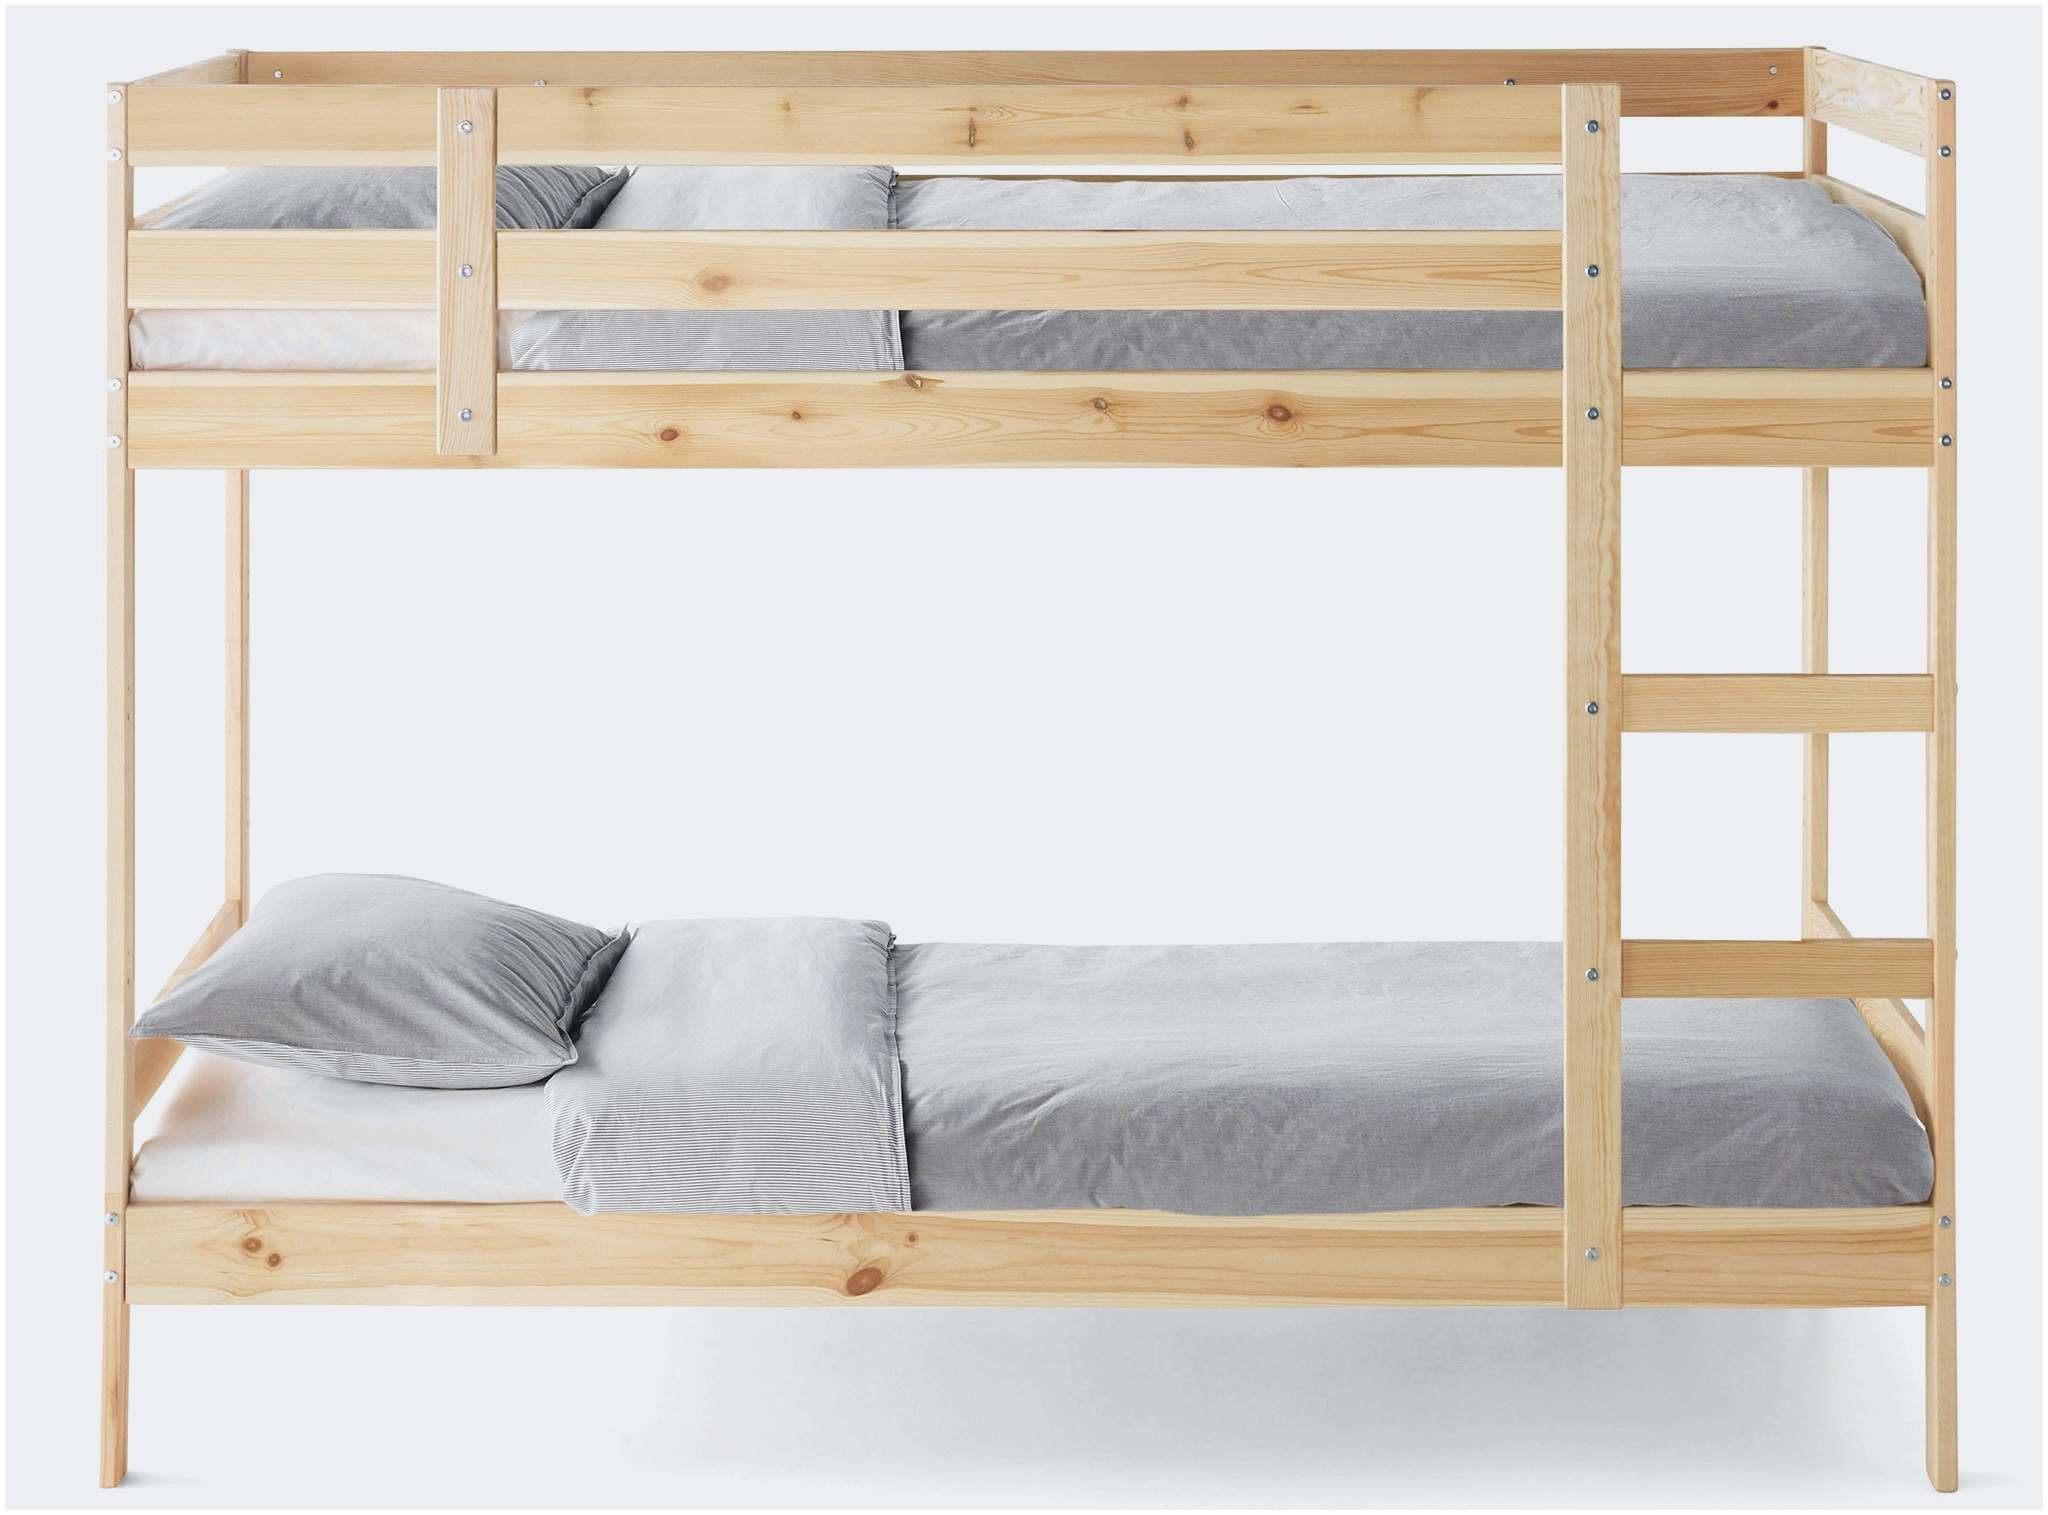 Canapé Lit Gigogne Adulte Inspiré Nouveau Lits Superposés Adultes Ikea Pour Sélection Canapé Lit